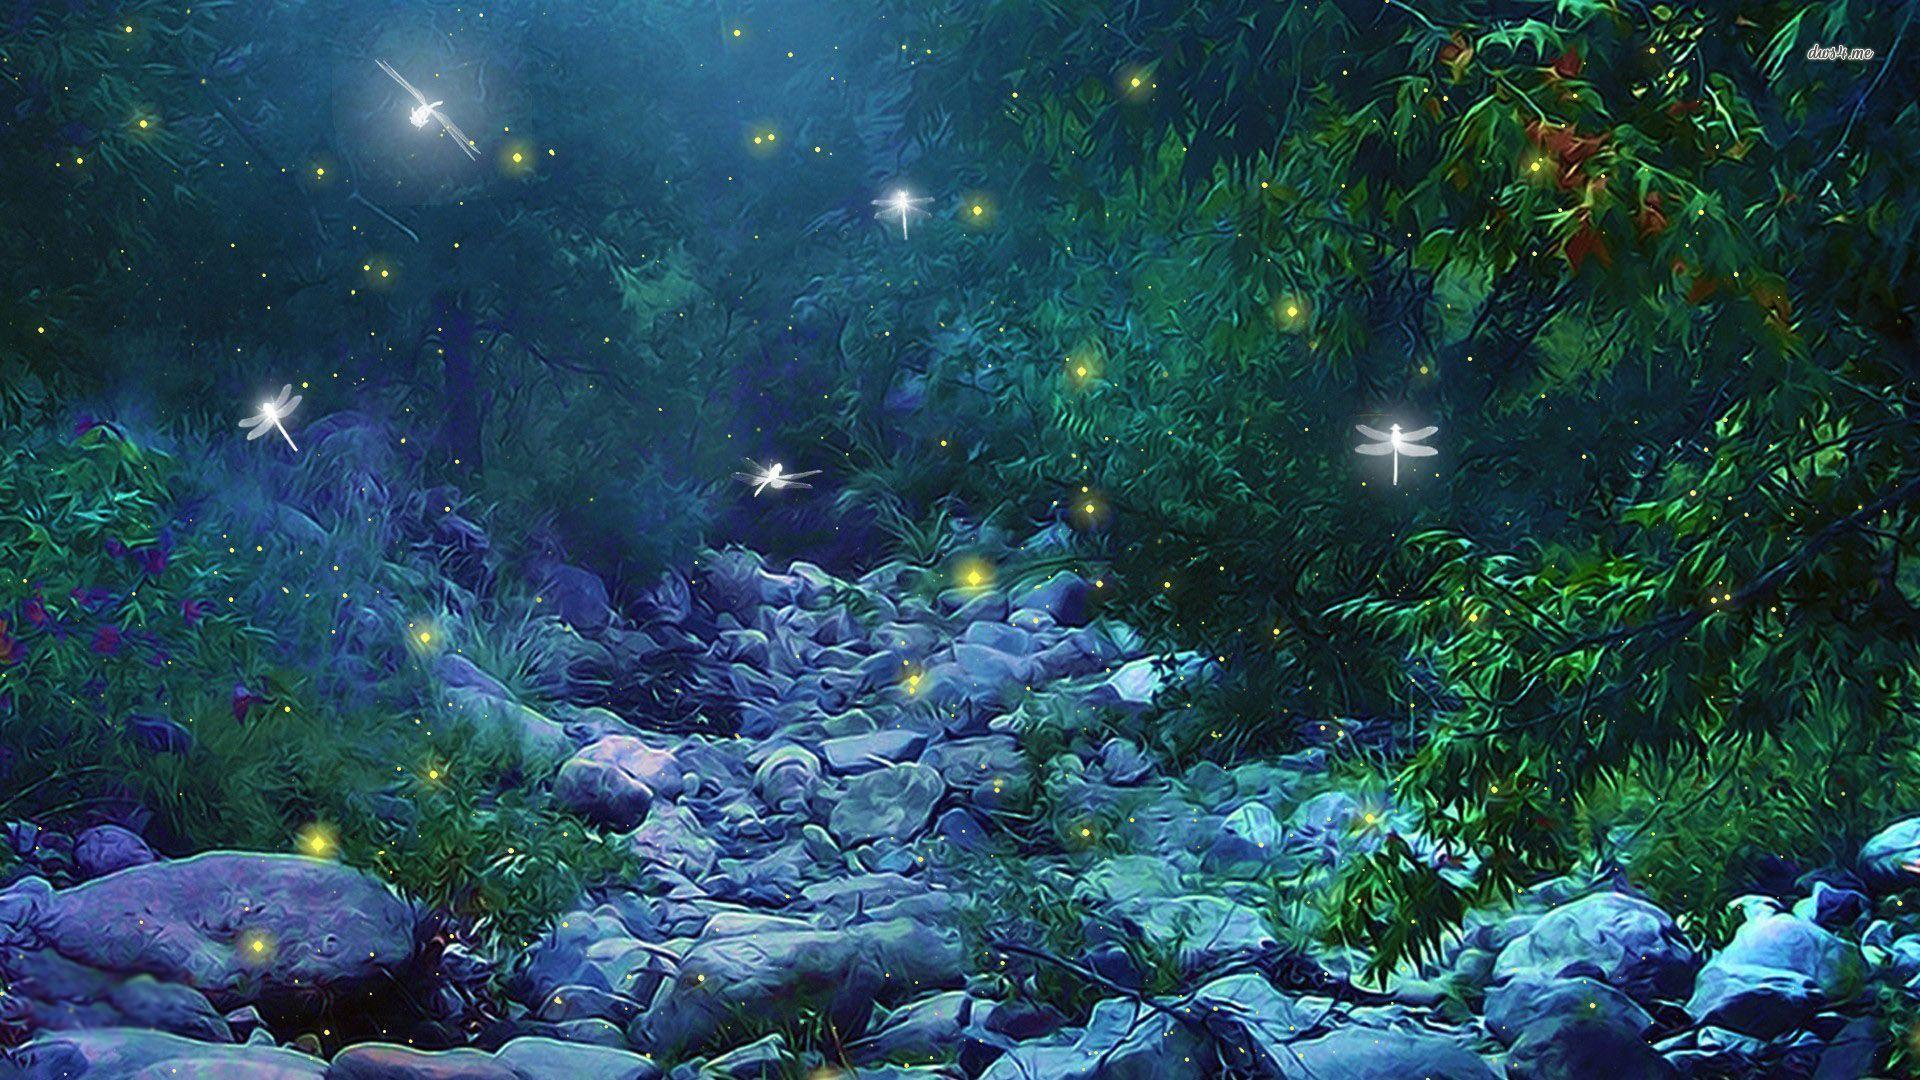 Fireflies in Woods wallpaper - Fantasy wallpapers - #